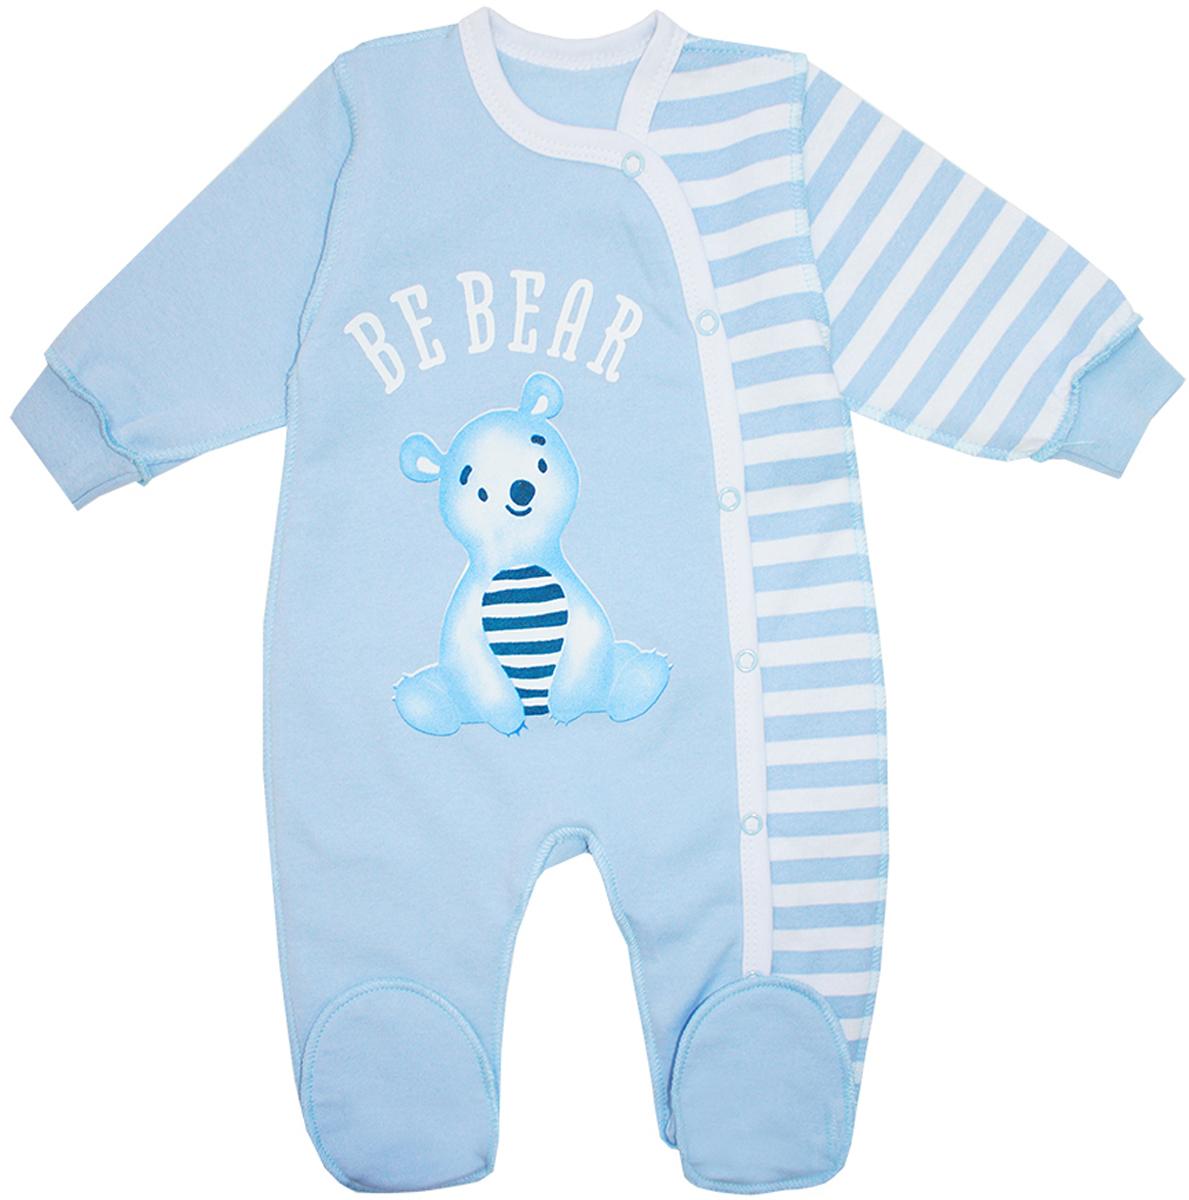 Комбинезон для мальчика КотМарКот Be Bear, цвет: голубой, белый. 6372. Размер 68, 3-6 месяцев6372Комбинезон для мальчика КотМарКот Be Bear выполнен из натурального хлопка. Комбинезон с круглым вырезом горловины, длинными рукавами и закрытыми ножками имеет застежки-кнопки спереди от горловины до низа брючины, которые помогают легко переодеть младенца или сменить подгузник. Рукава дополнены эластичными манжетами. Изделие оформлено принтом с изображением мишки.